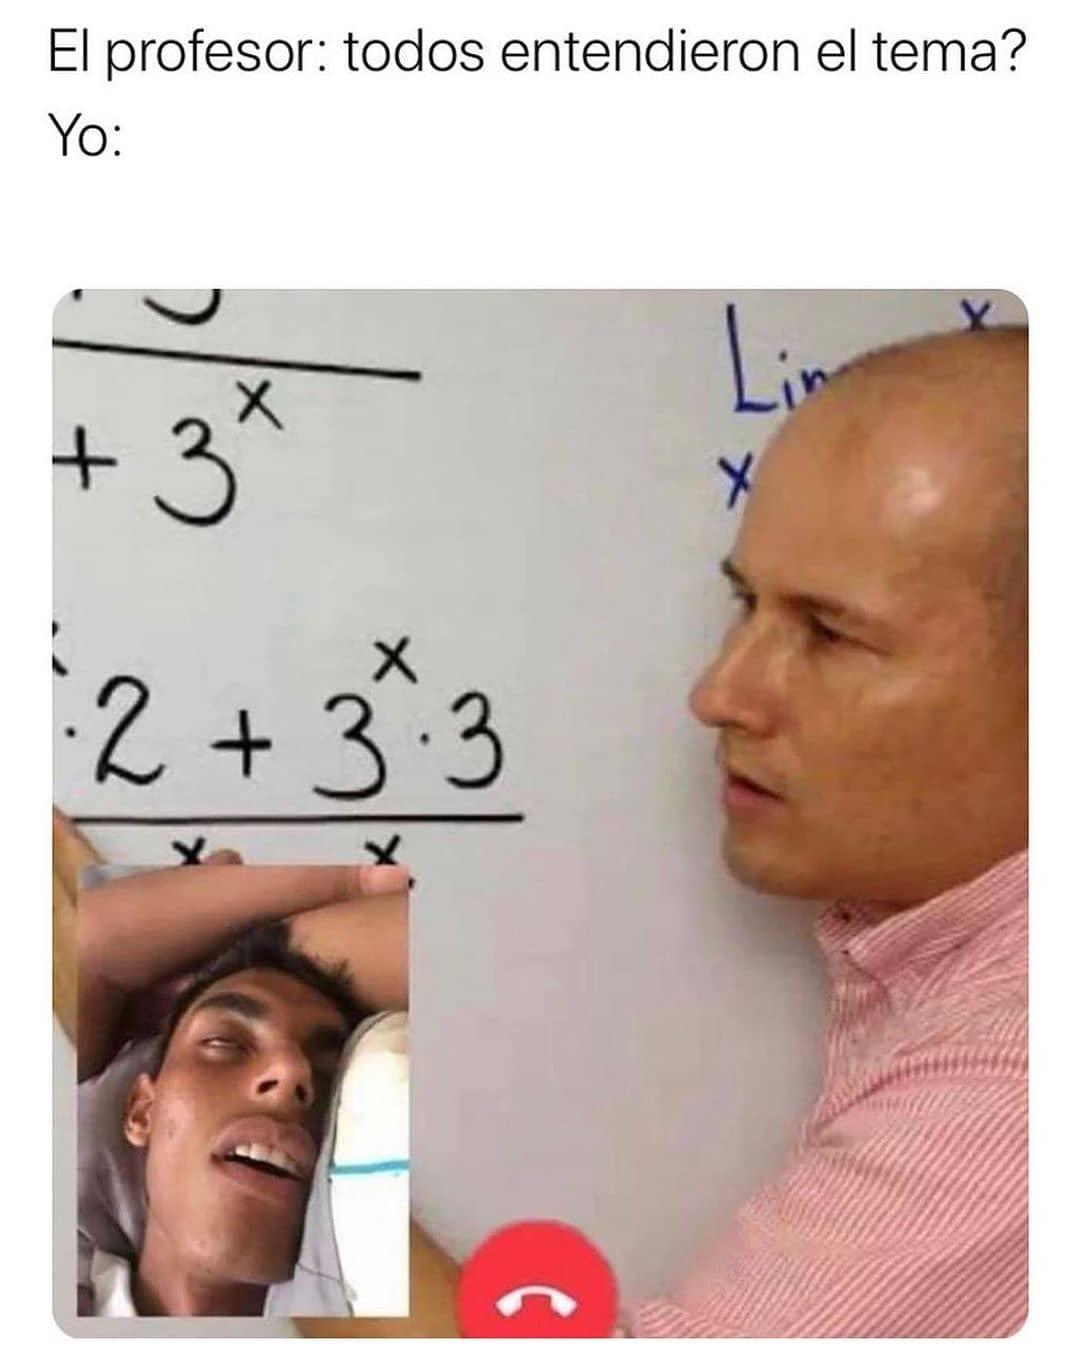 El profesor: todos entendieron el tema?  Yo: